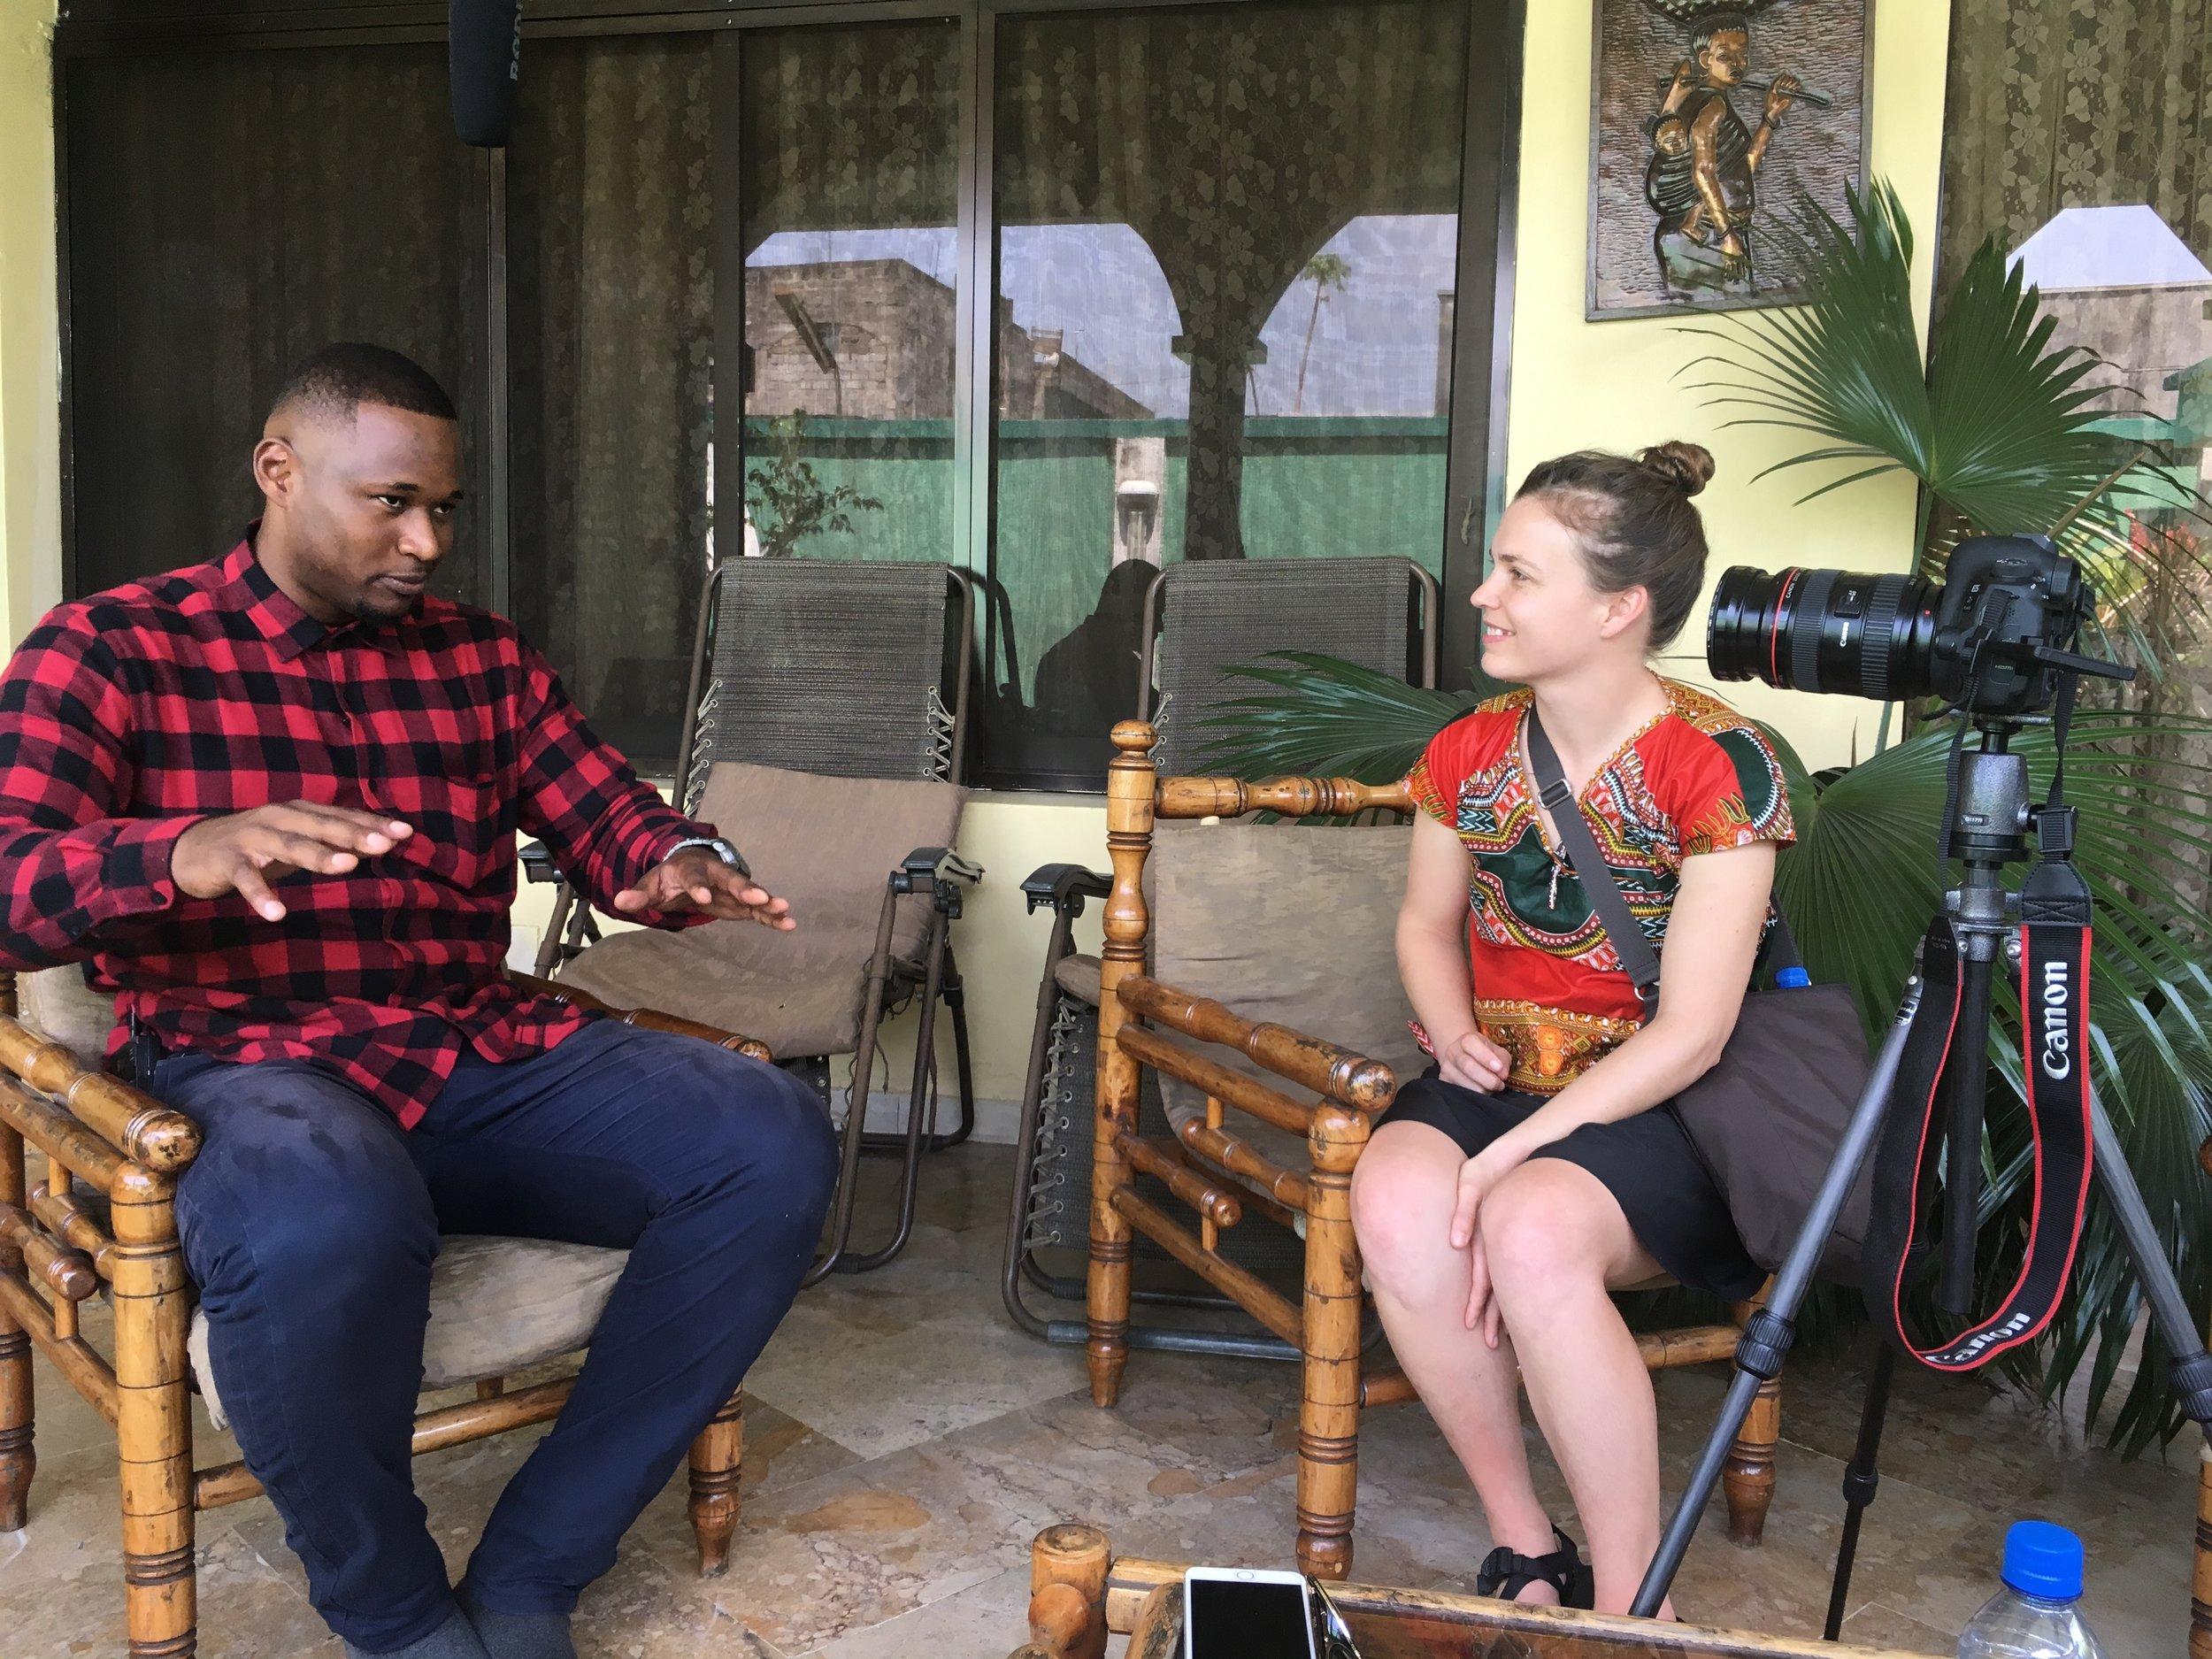 コンゴ人音楽家にインタビューをするジェシカ・ジェーン・ハート氏(右)。